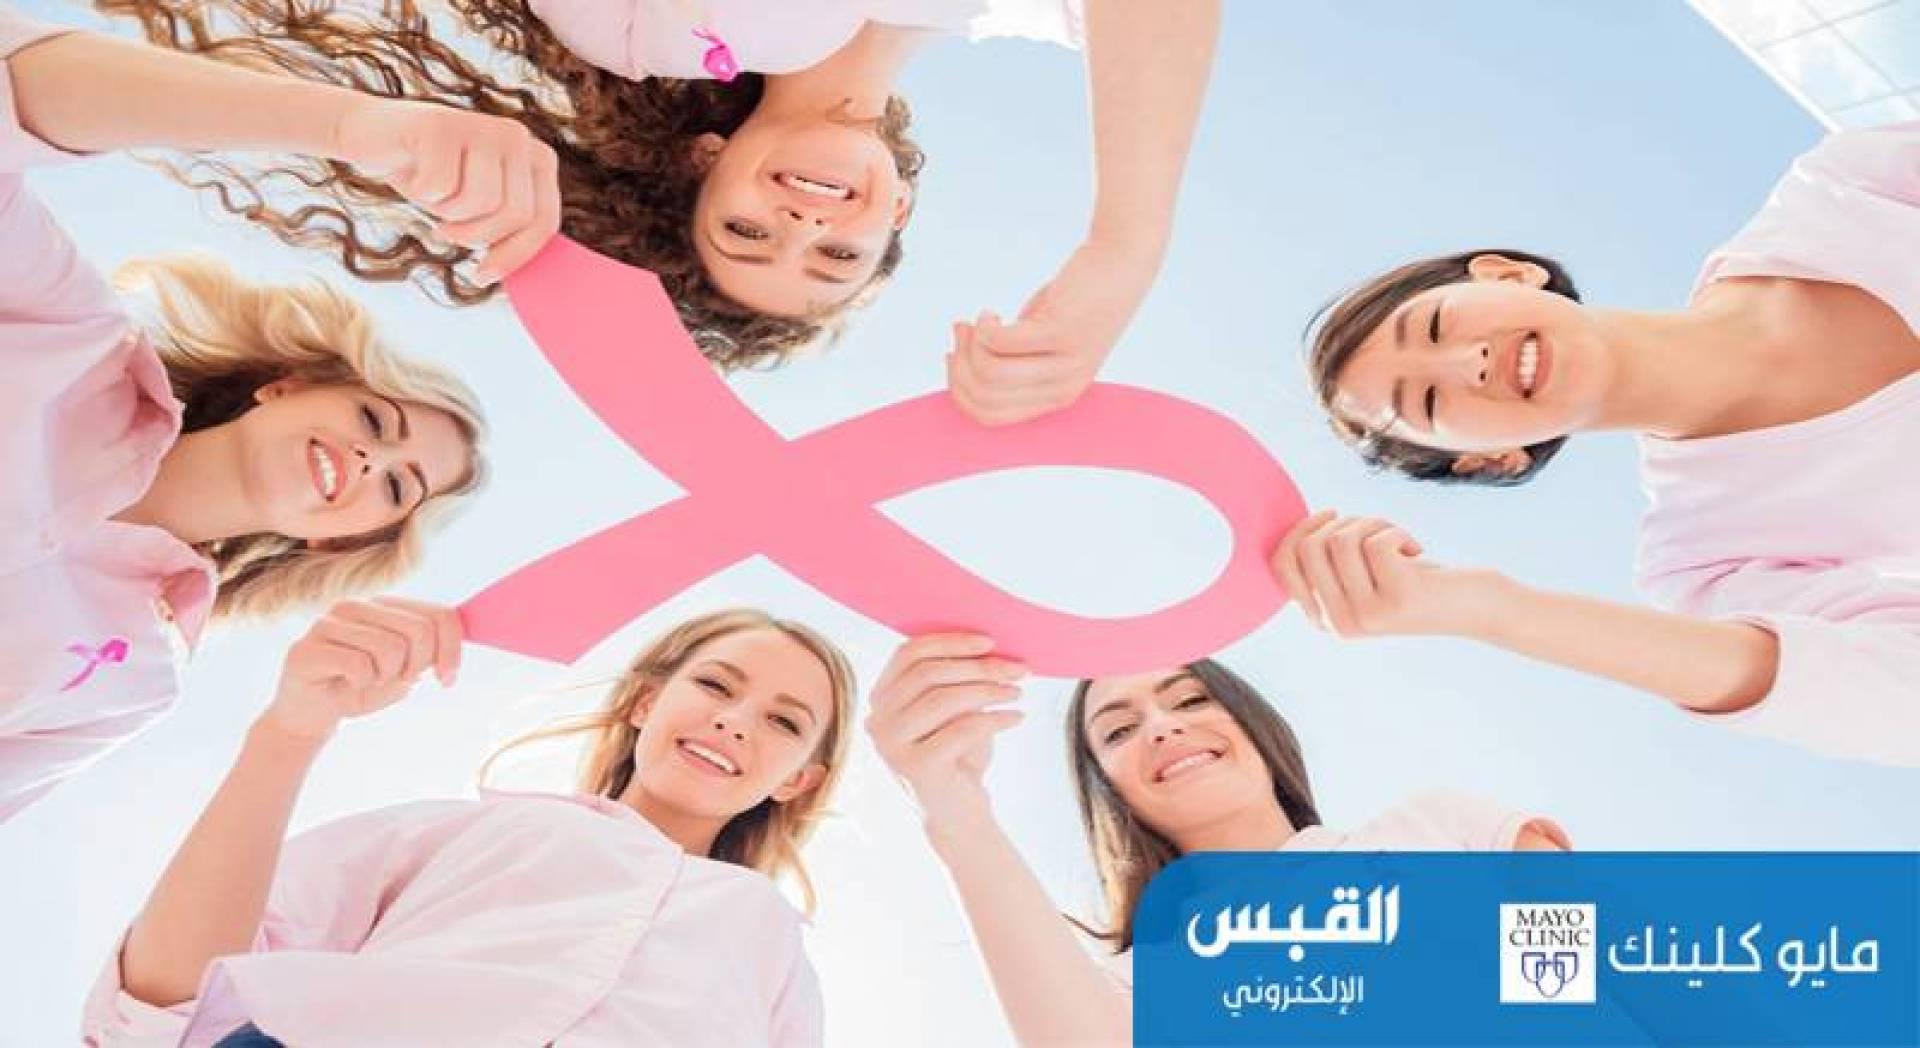 12 مؤشراً تزيد الإصابة بسرطان الثدي